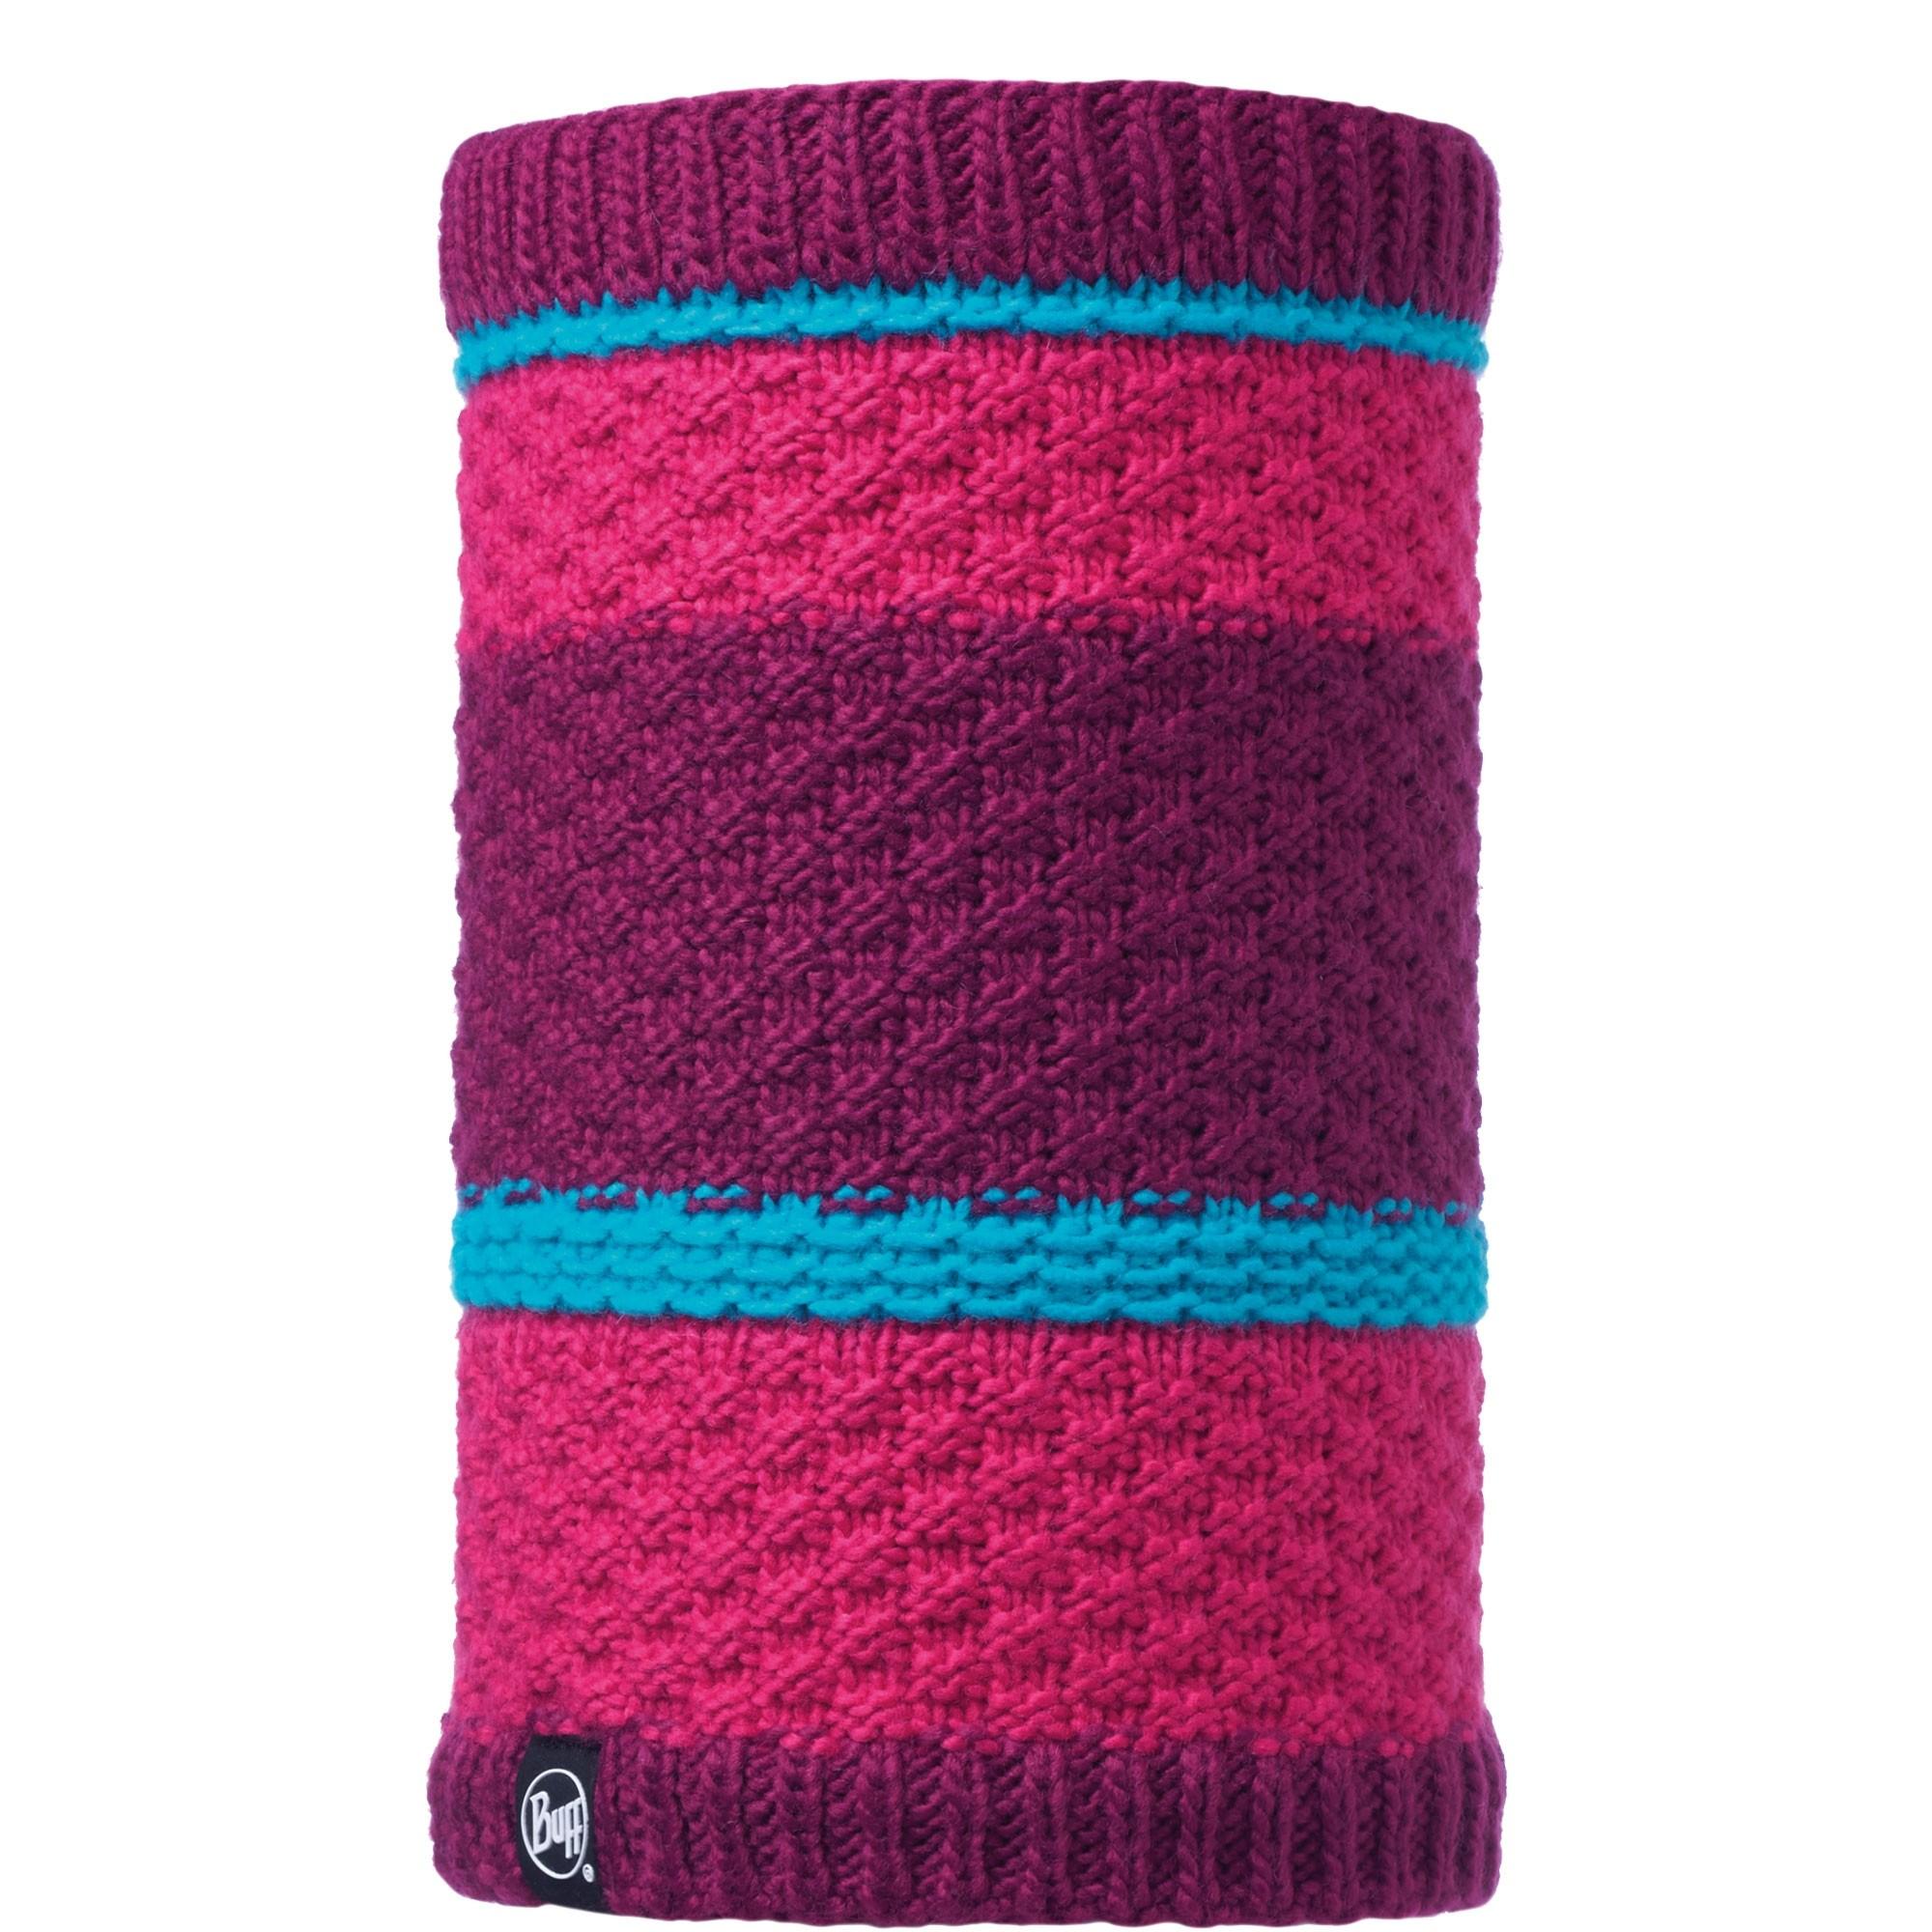 Buff Fizz Knitted Fleece Neckwarmer - Pink Honeysuckle